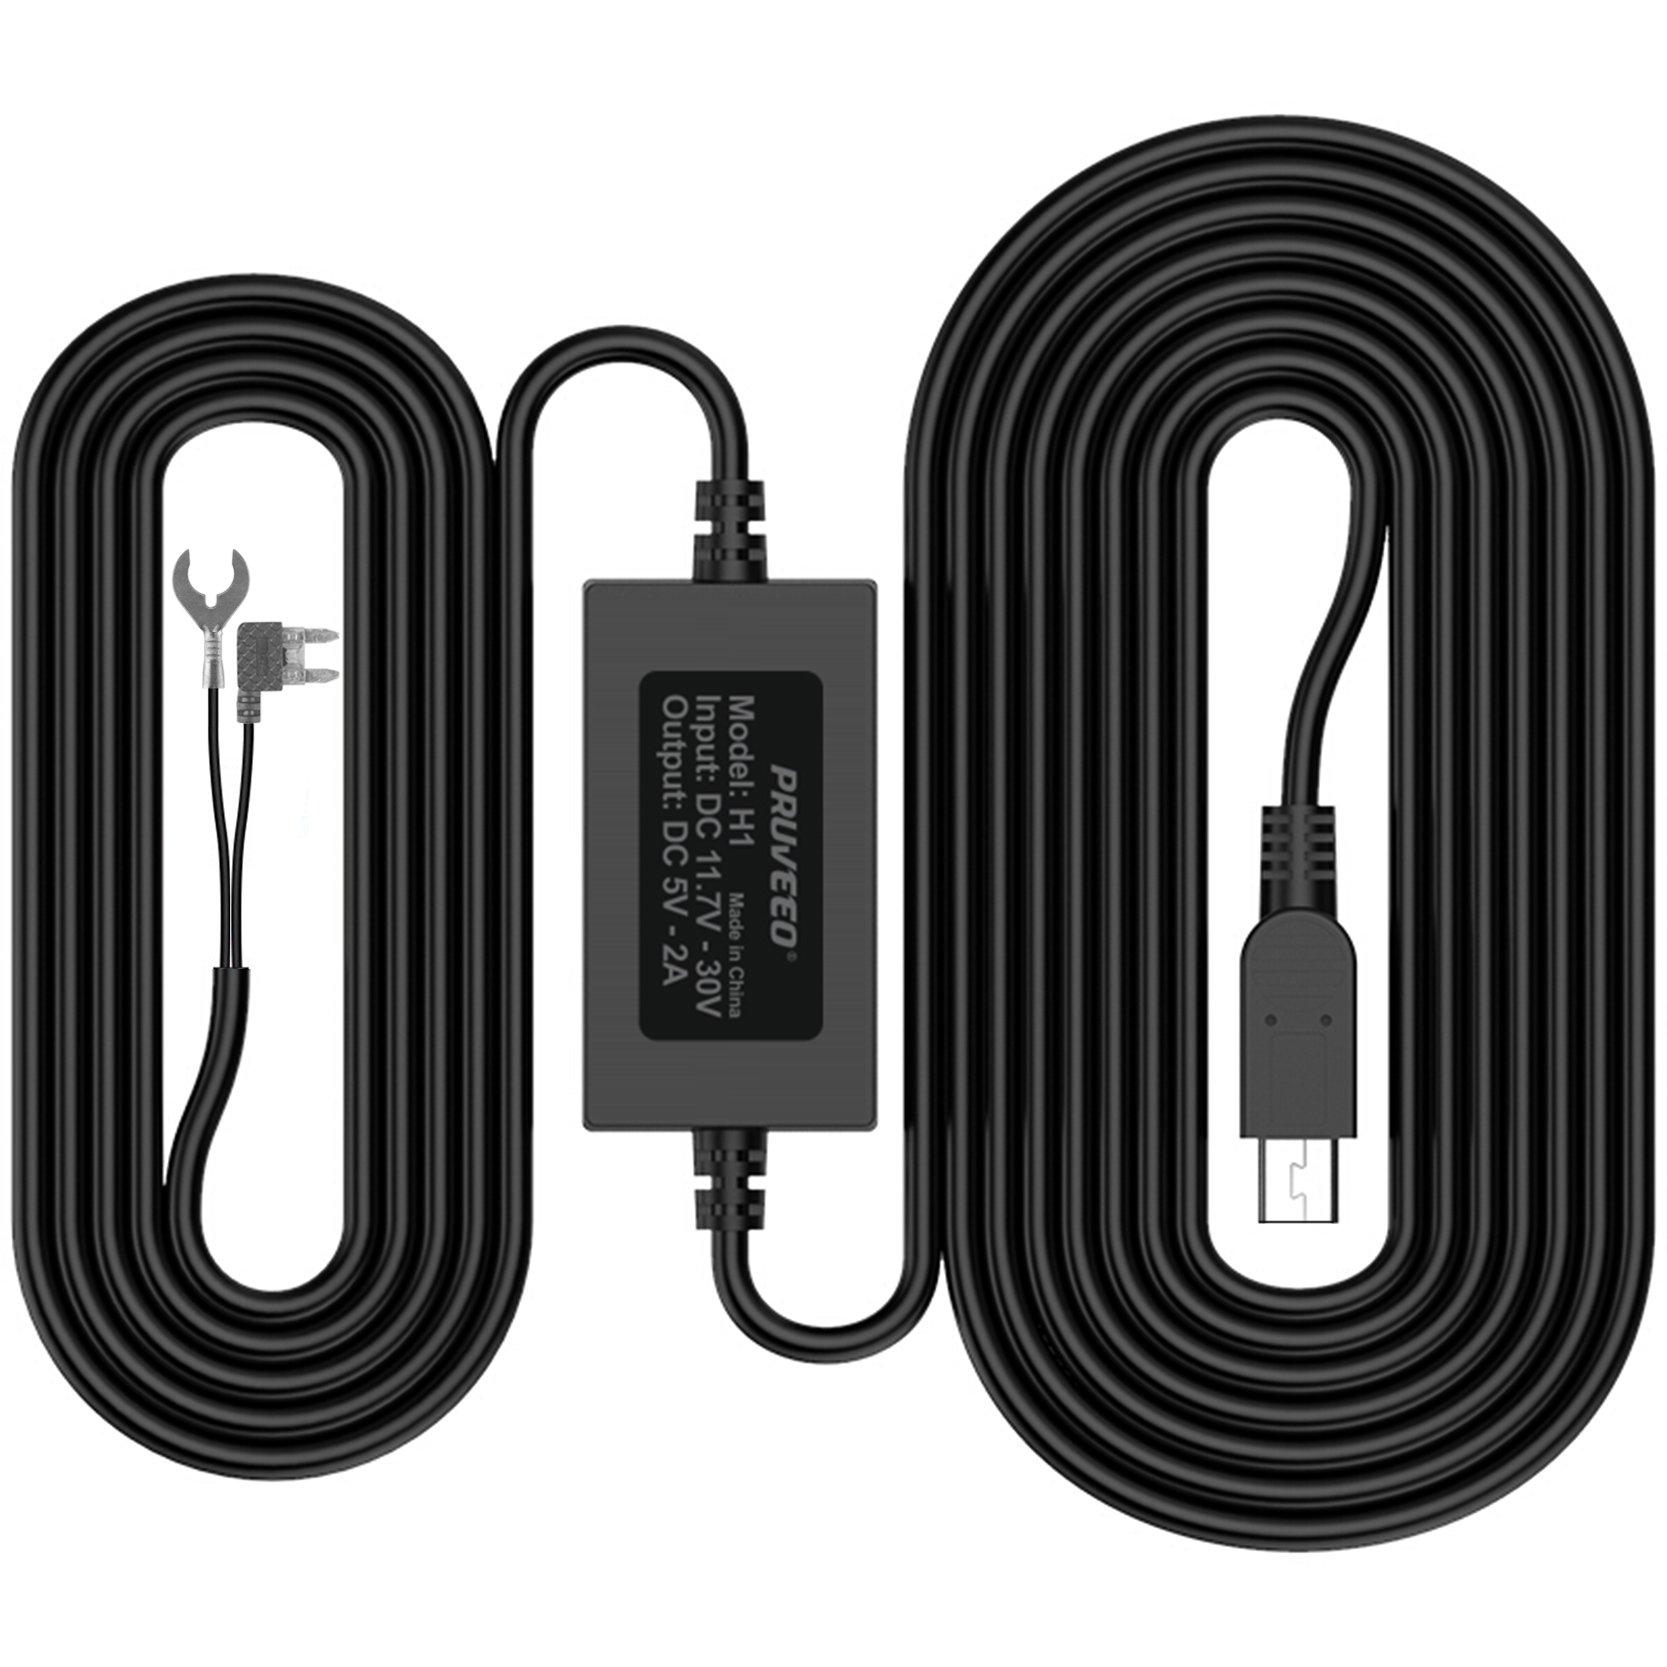 Pruveeo Hard Wire Kit for Dash Cam, Mini USB Port, 12V to 5V,